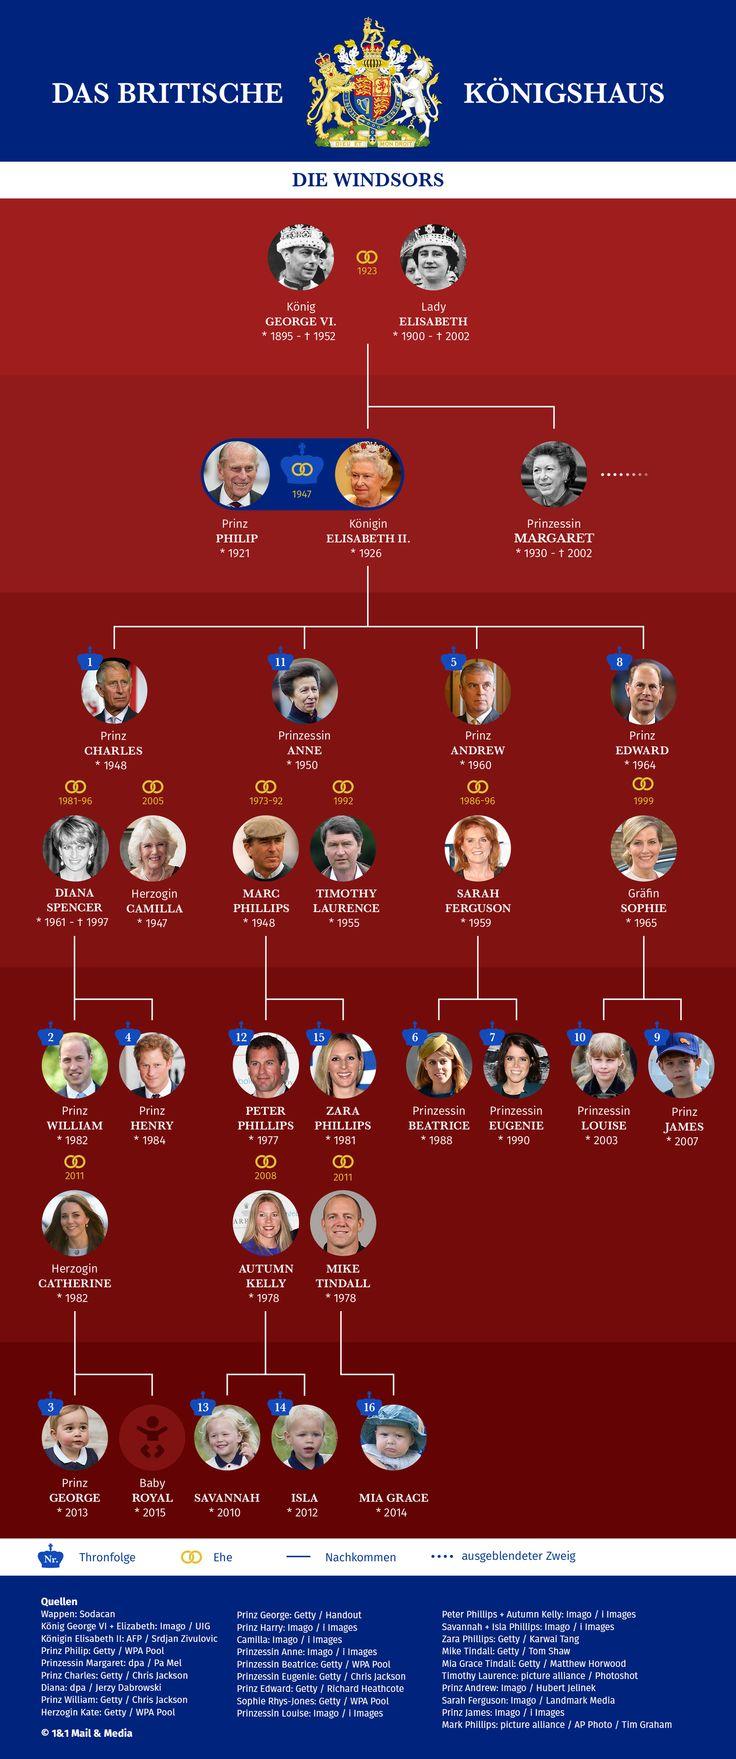 Bild zu Königsfamilie England, Stammbaum, Thronfolge, Windsors